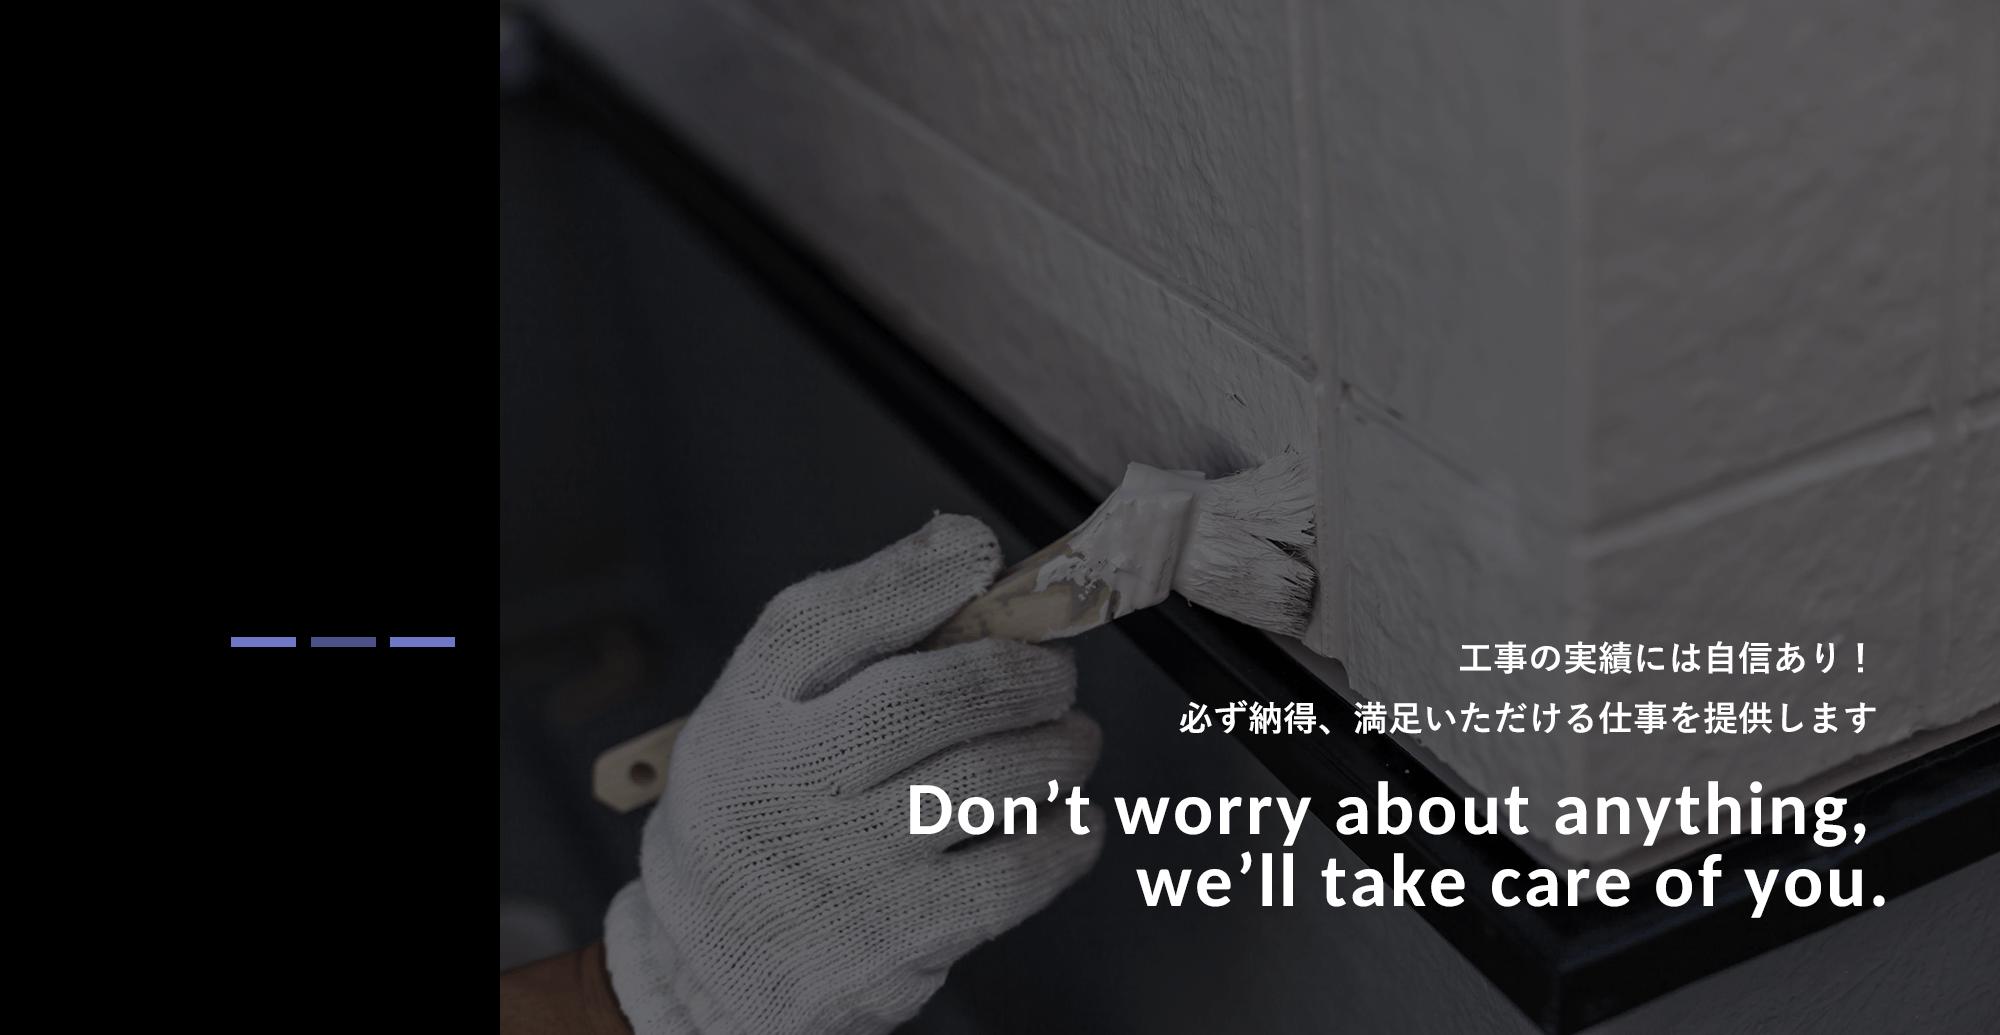 工事の実績には自信あり!必ず納得、満足いただける仕事を提供します